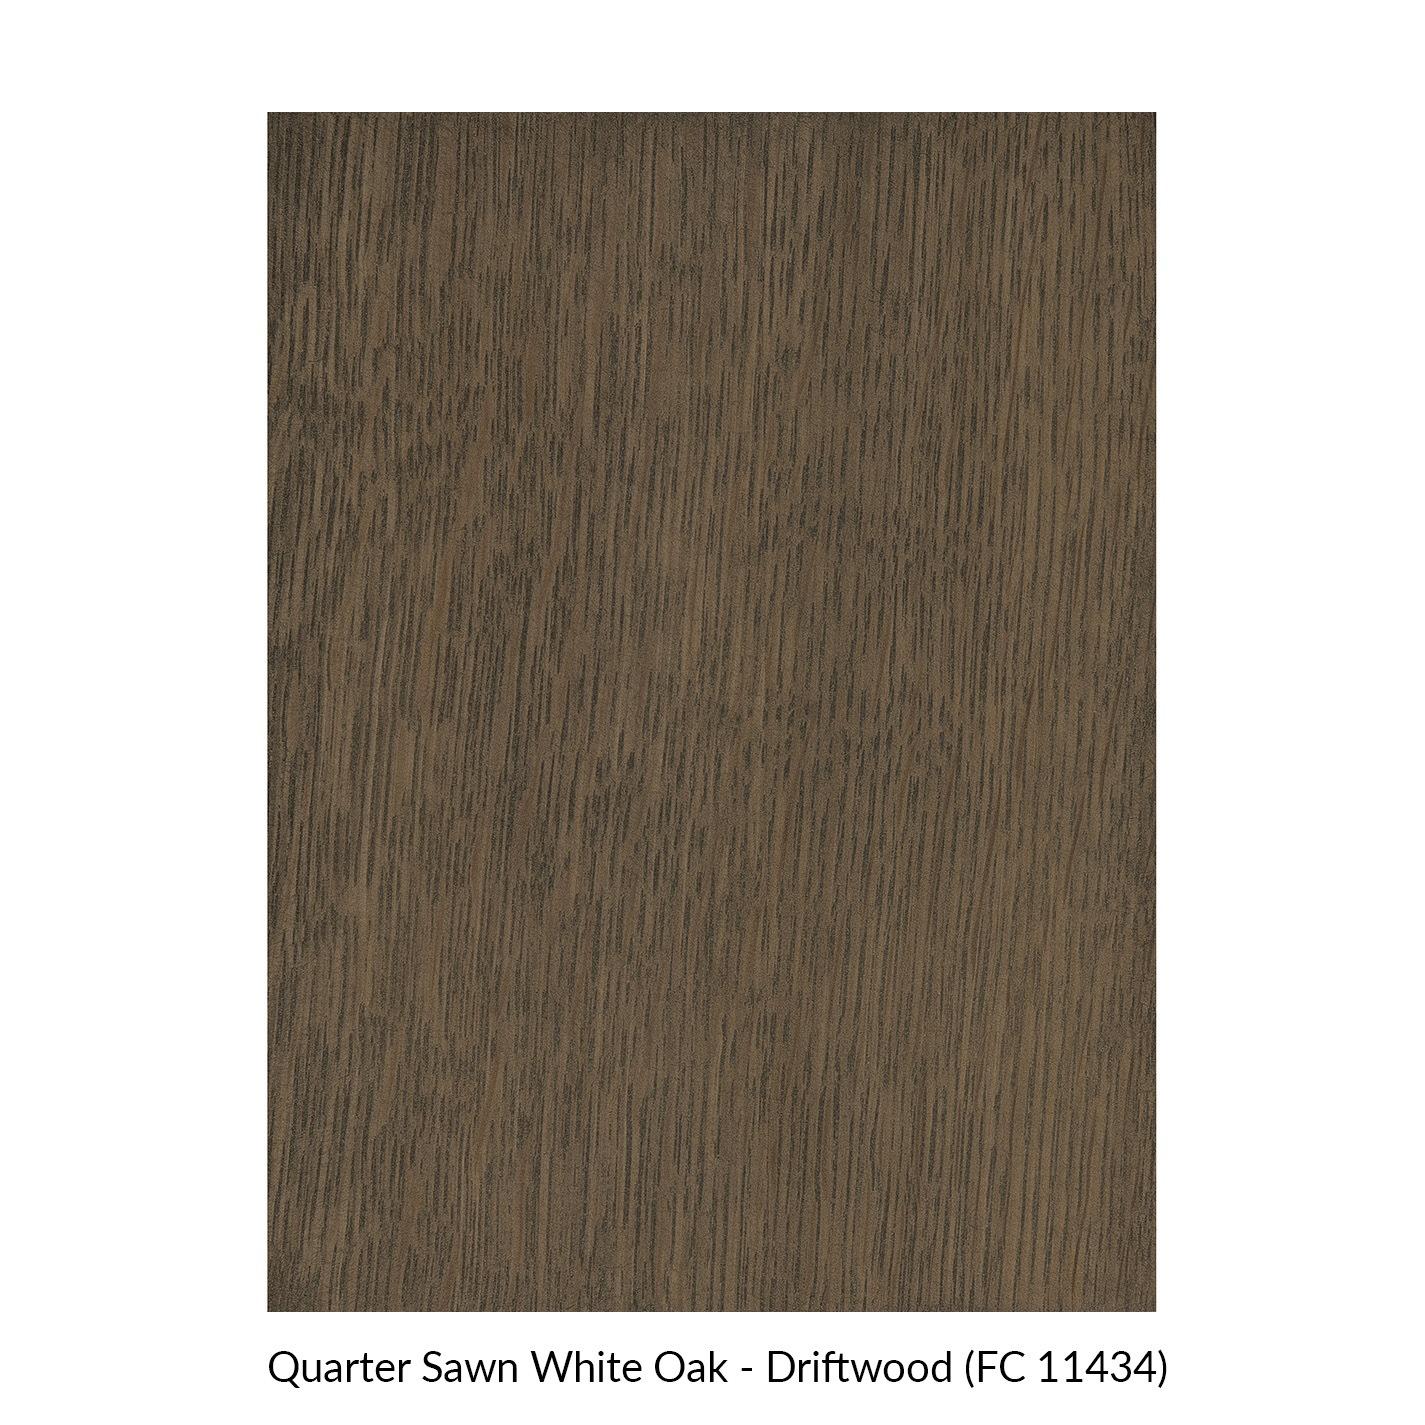 spectrum-quarter-sawn-white-oak-driftwood-fc-11434.jpg